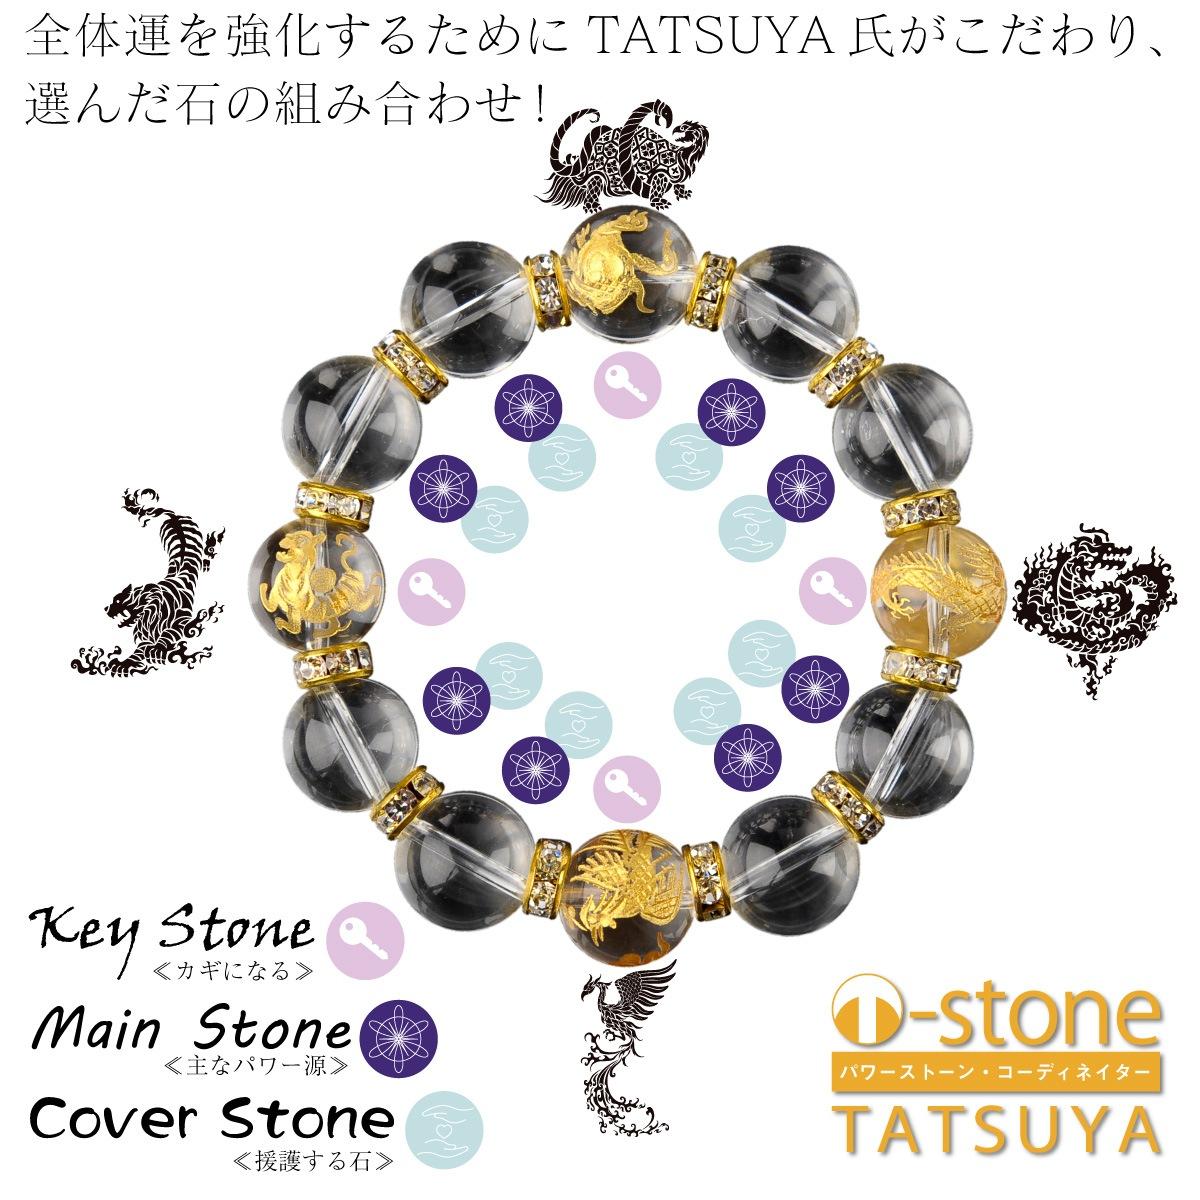 【T-stone】 四神オールラウンド� ≫オーダーメイドの開運ブレスレット→全体運に!